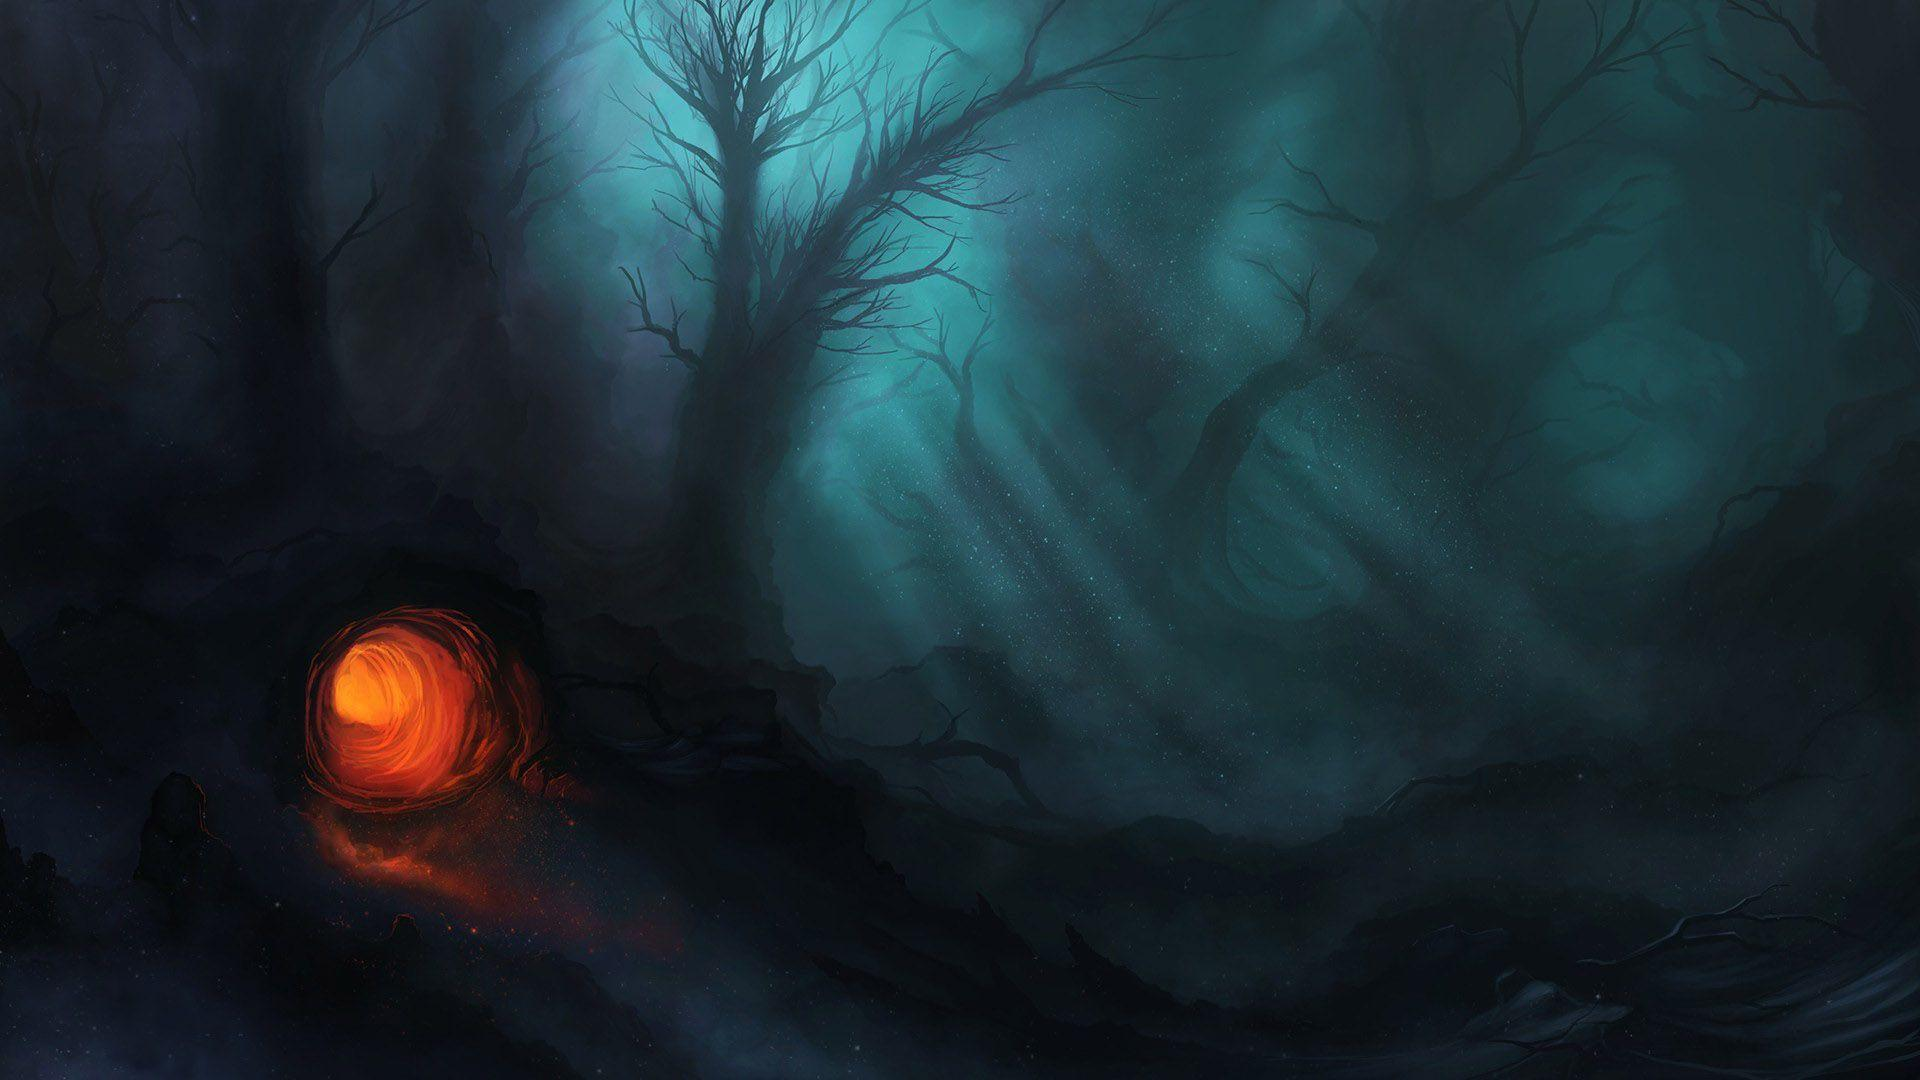 art dark car forest - photo #28